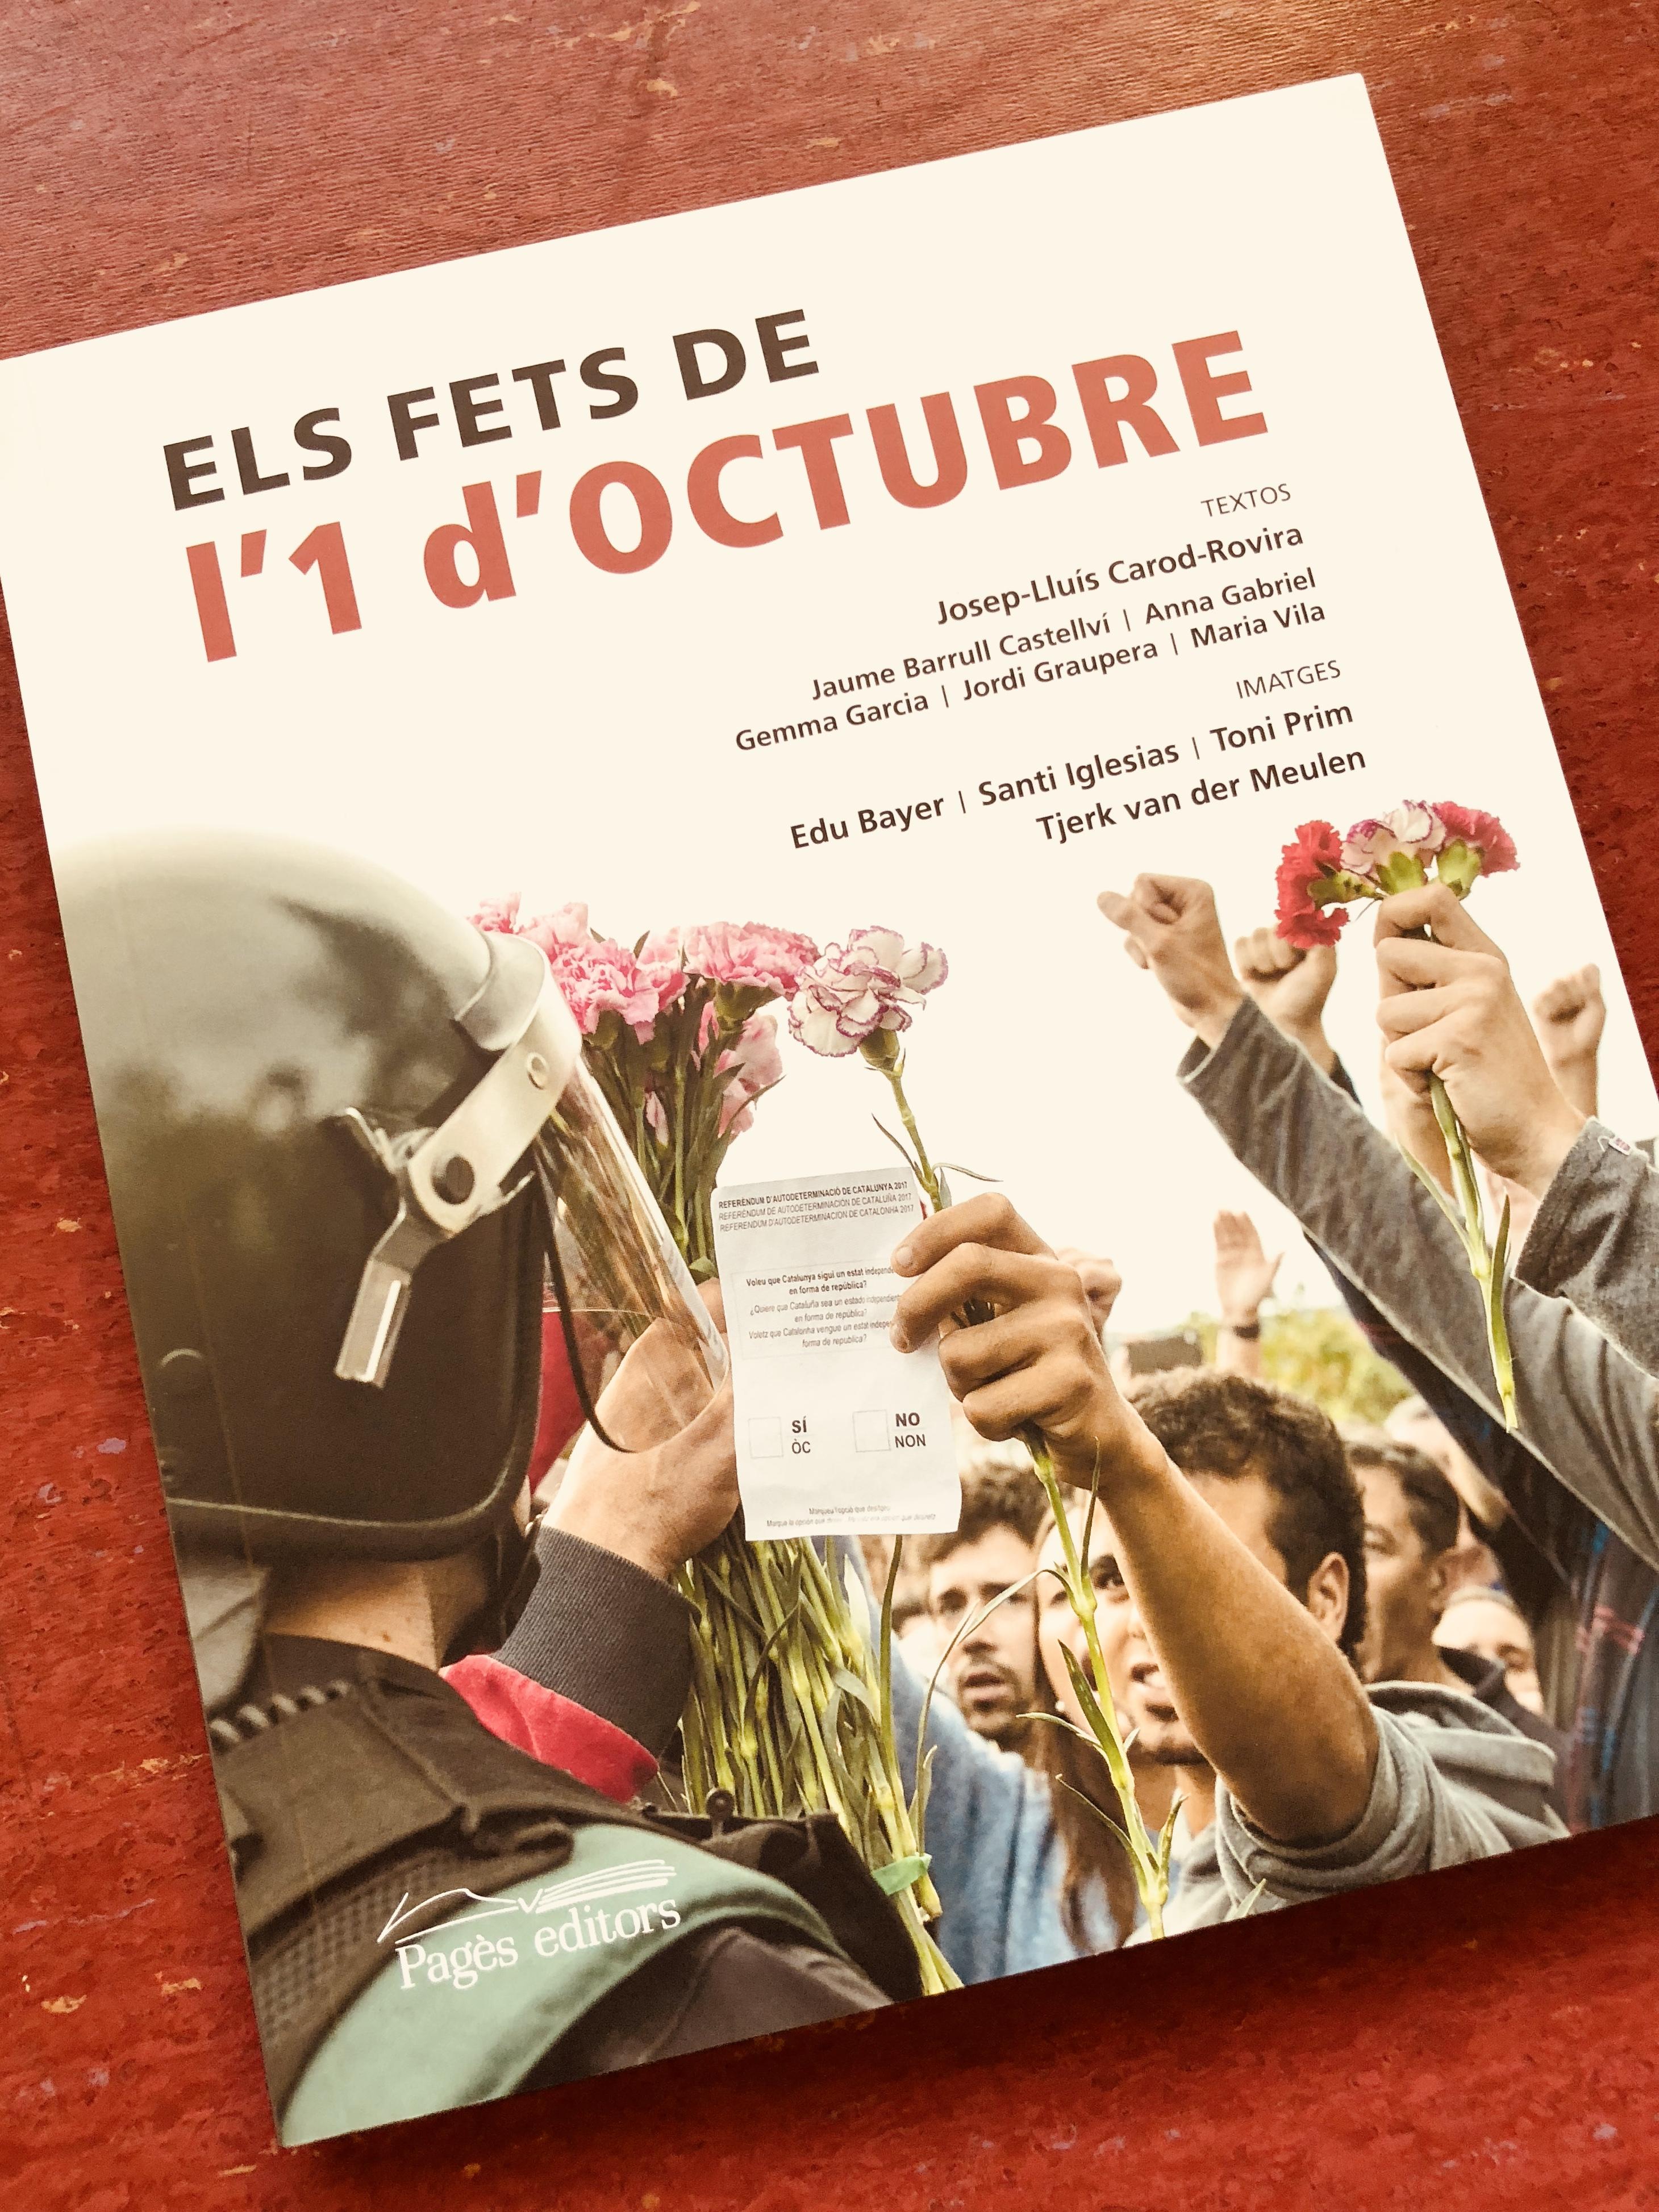 Pagès Editors presenta 'Els fets de l'1 d'octubre', el primer llibre de fotografies sobre aquesta històrica jornada